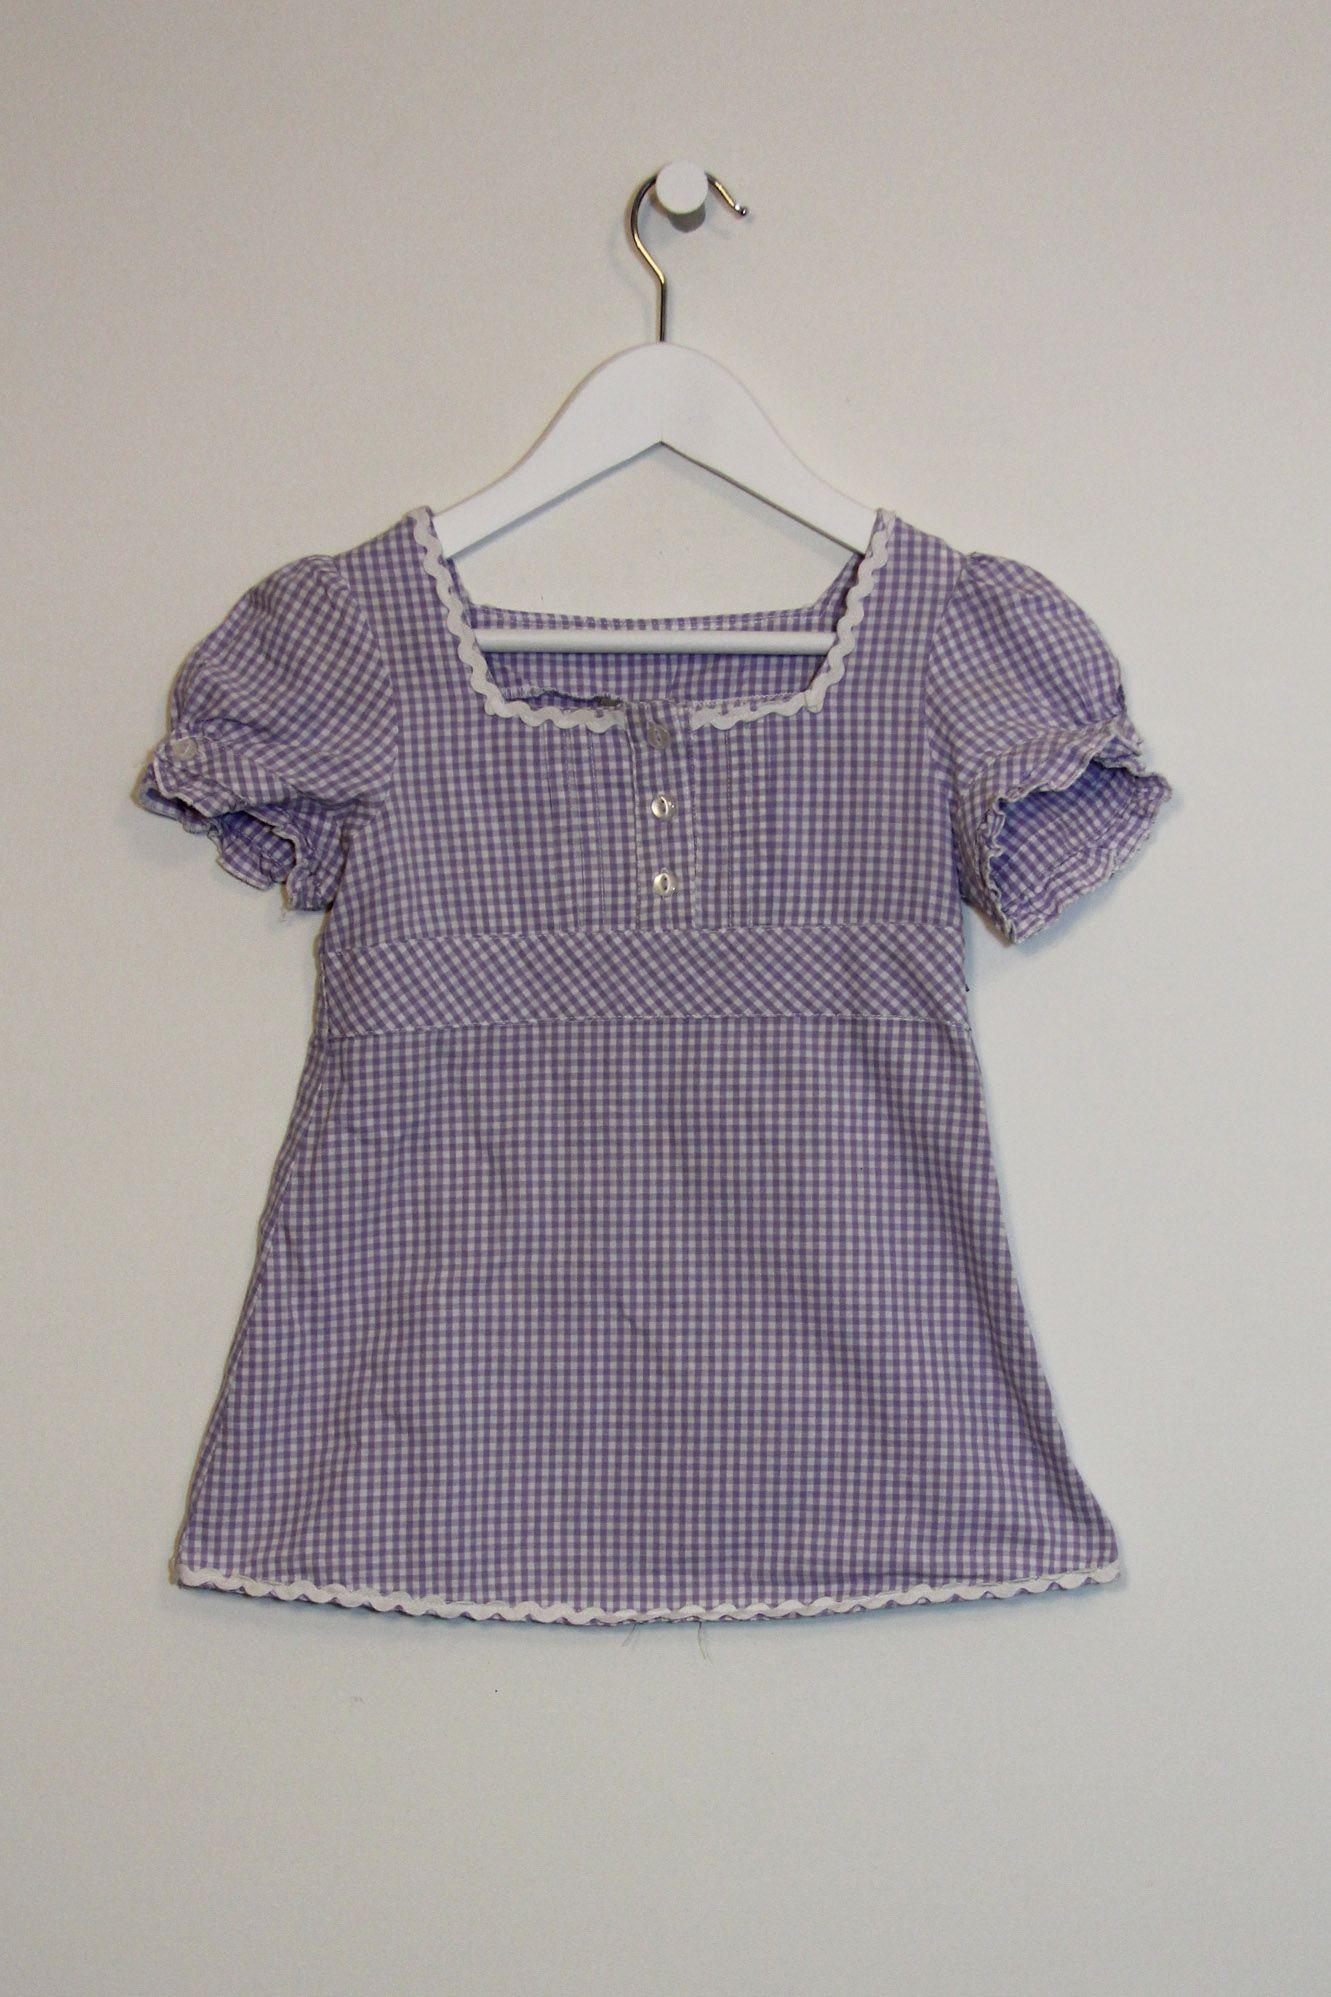 7c0b50b1c Blusa 6 años | Ropita de niñas | Moda para niñas, Ropa para niñas y ...